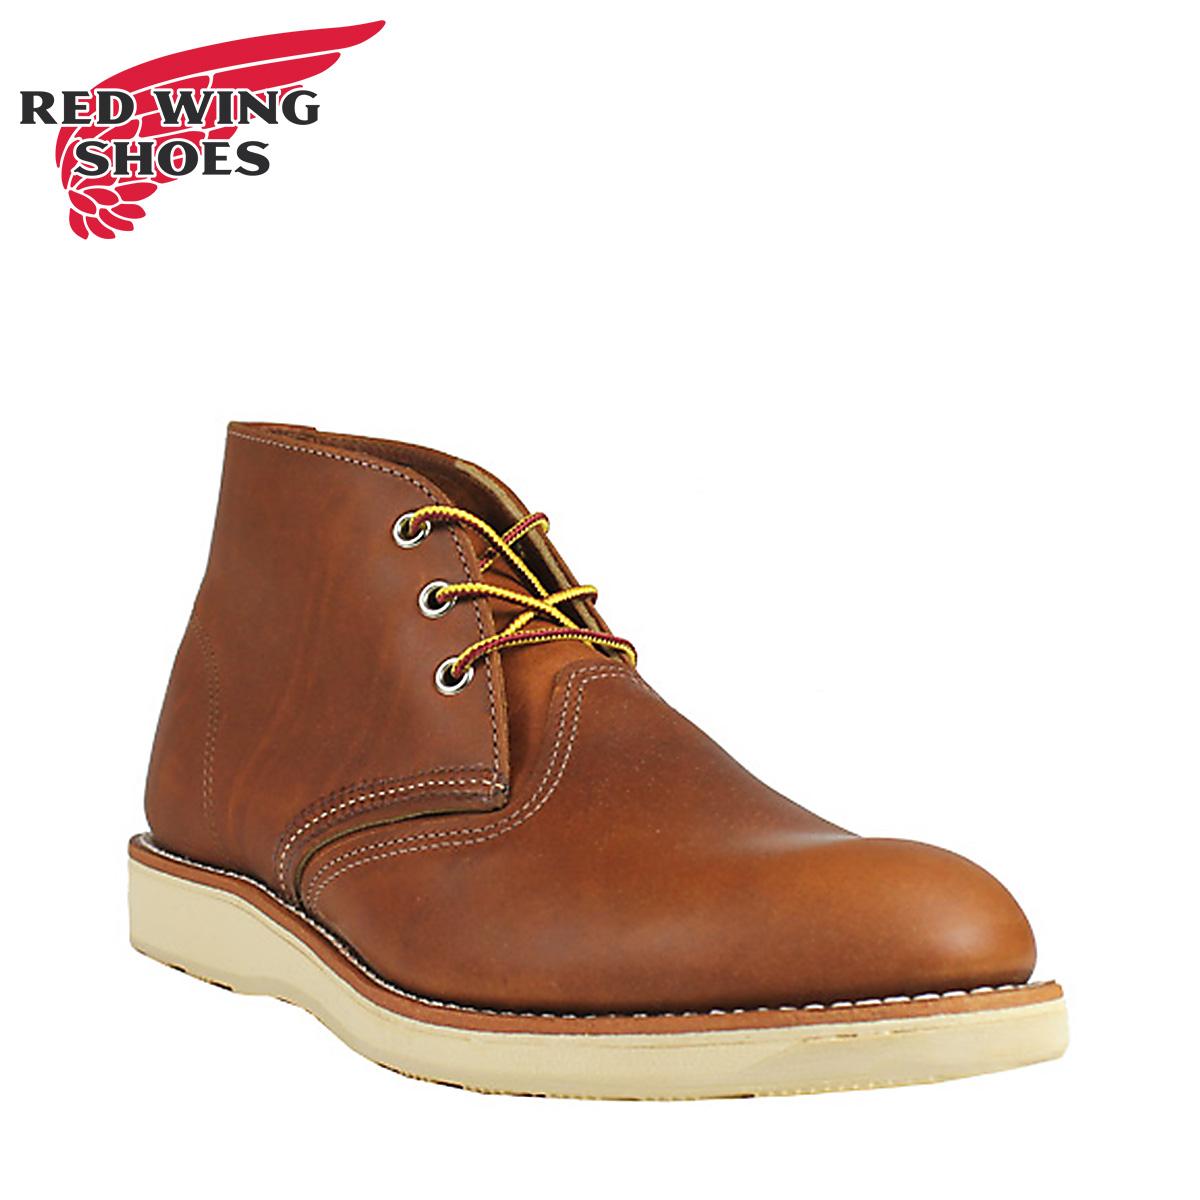 RED WING レッドウィング ブーツ チャッカブーツ クラシック メンズ CLASSIC CHUKKA Dワイズ ブラウン 3140